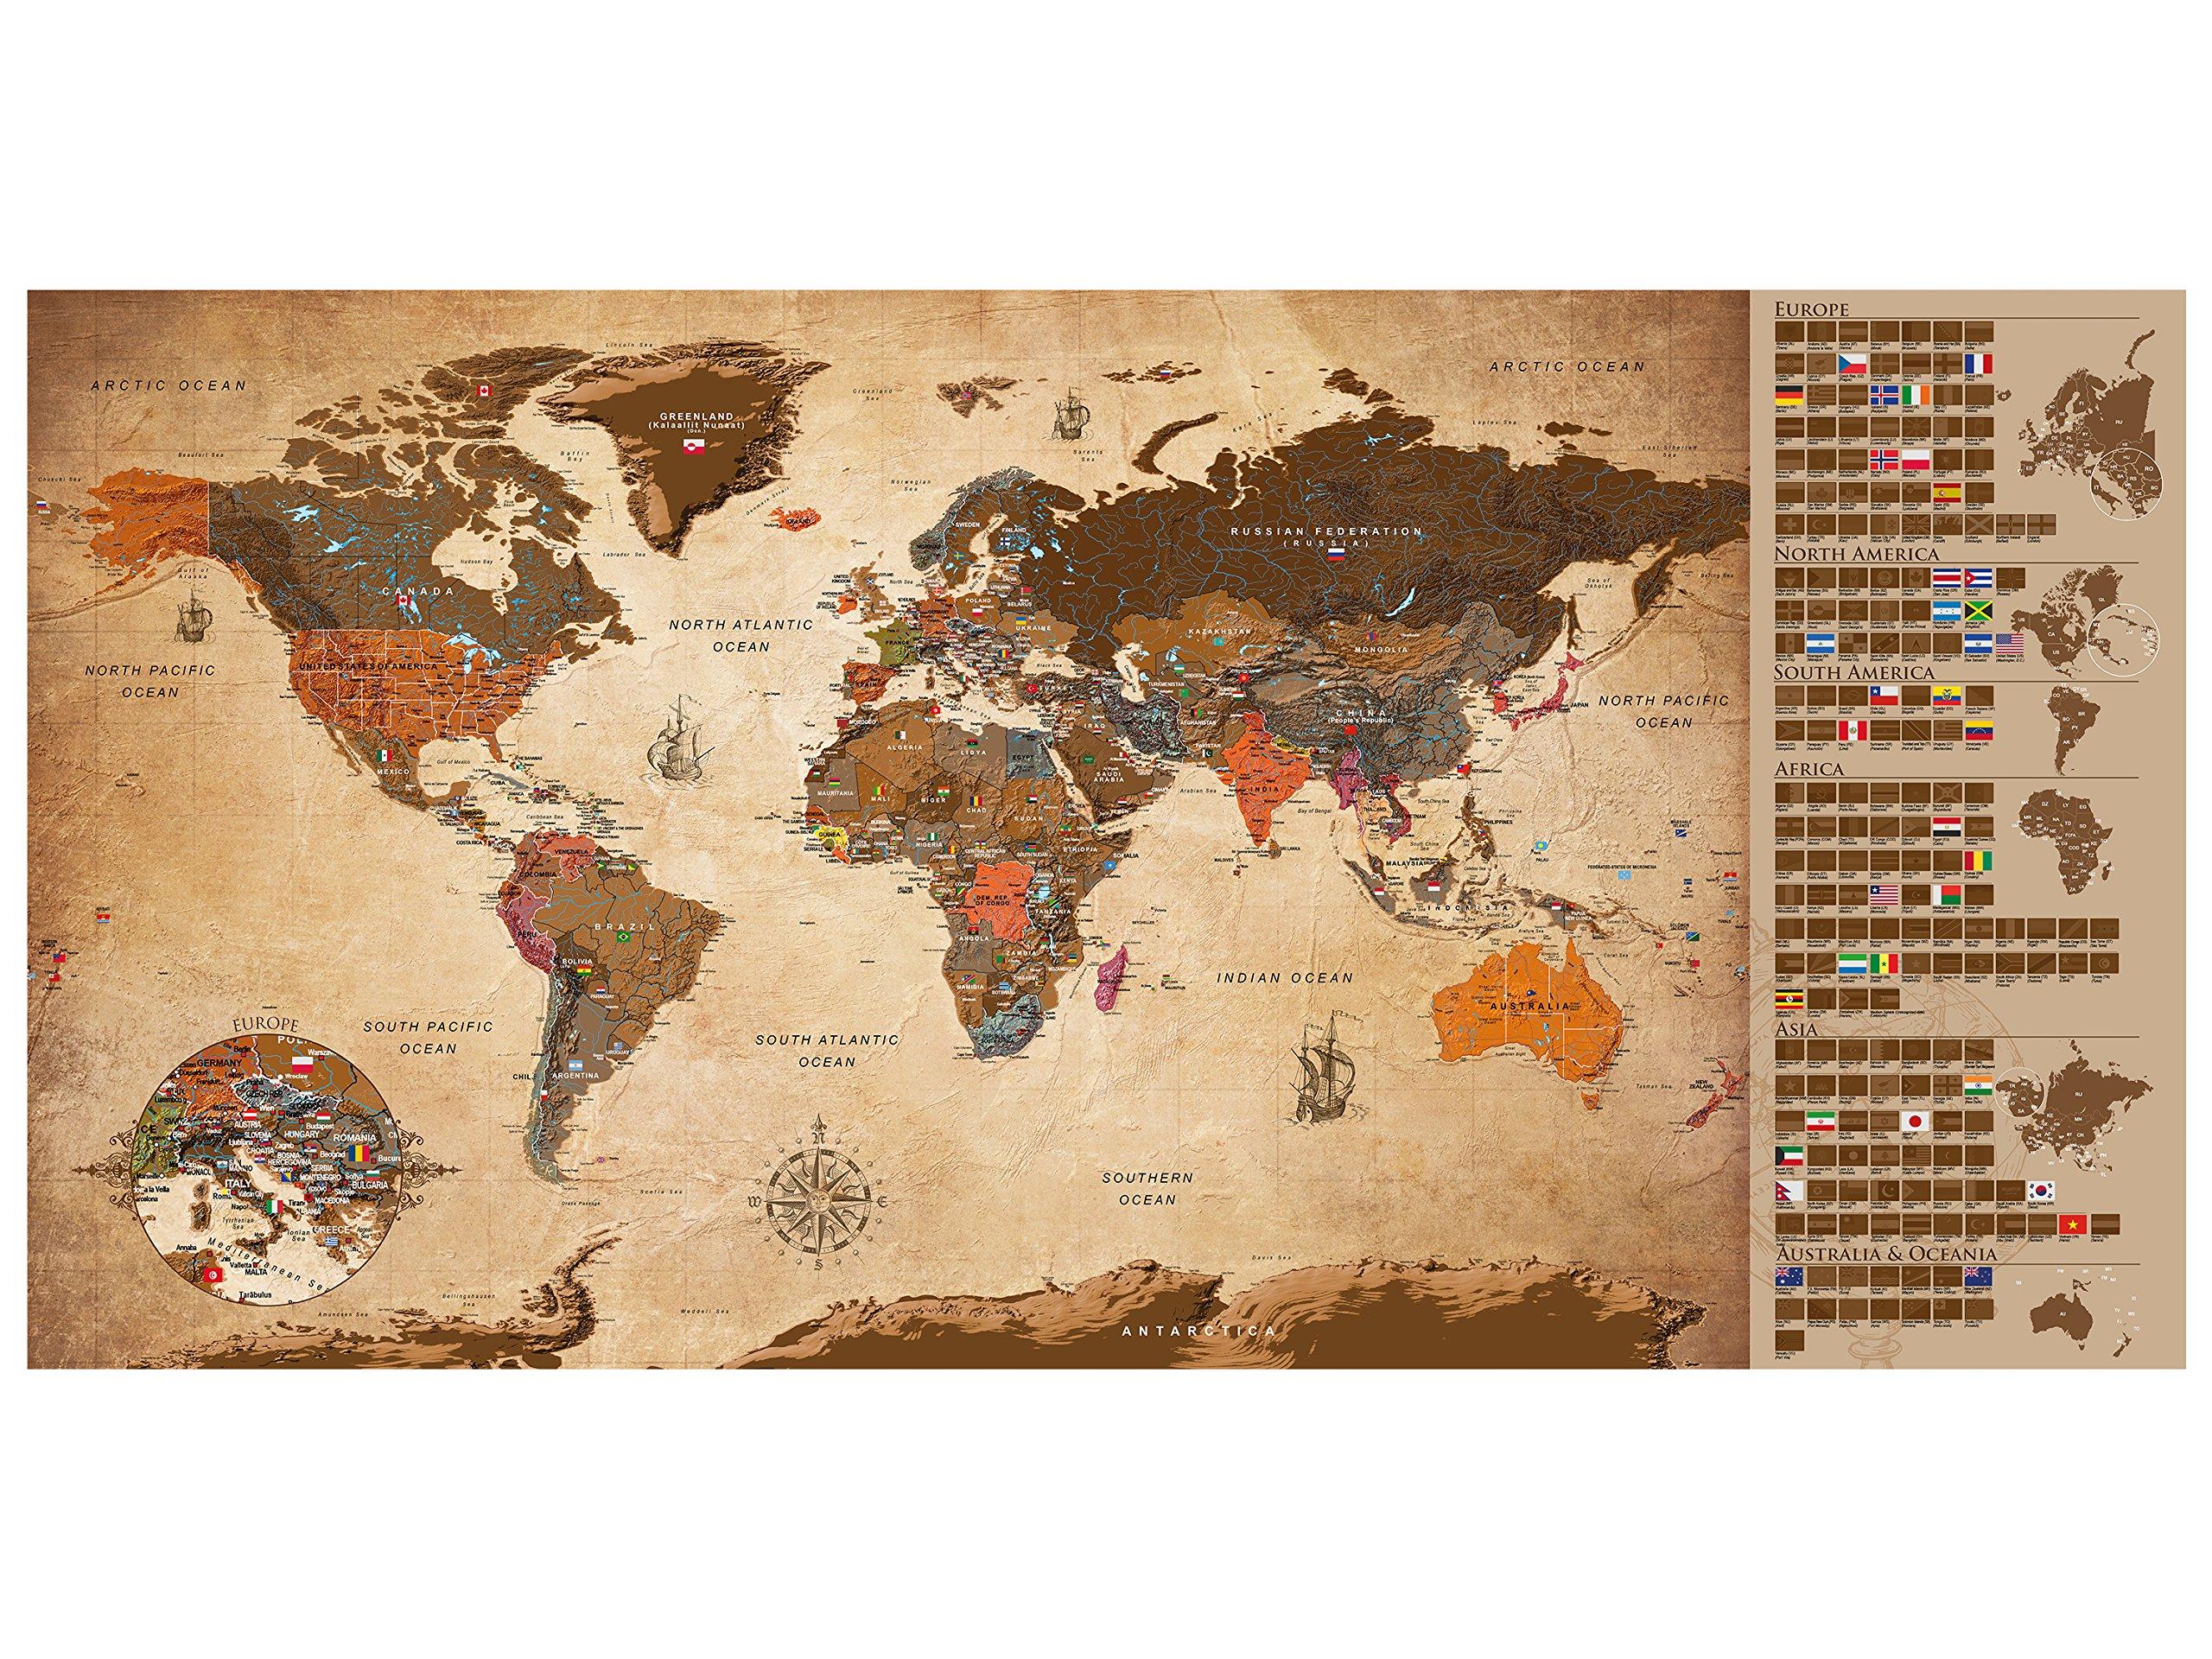 murando Mapamundi para rascar Mapa Mundial 100x50 cm Vintage Laminado (Posibilidad de Escribir y borrar) Mapa para rascar con Banderas Mapa del Mundo Macionales k-A-0228-o-b: Amazon.es: Juguetes y juegos